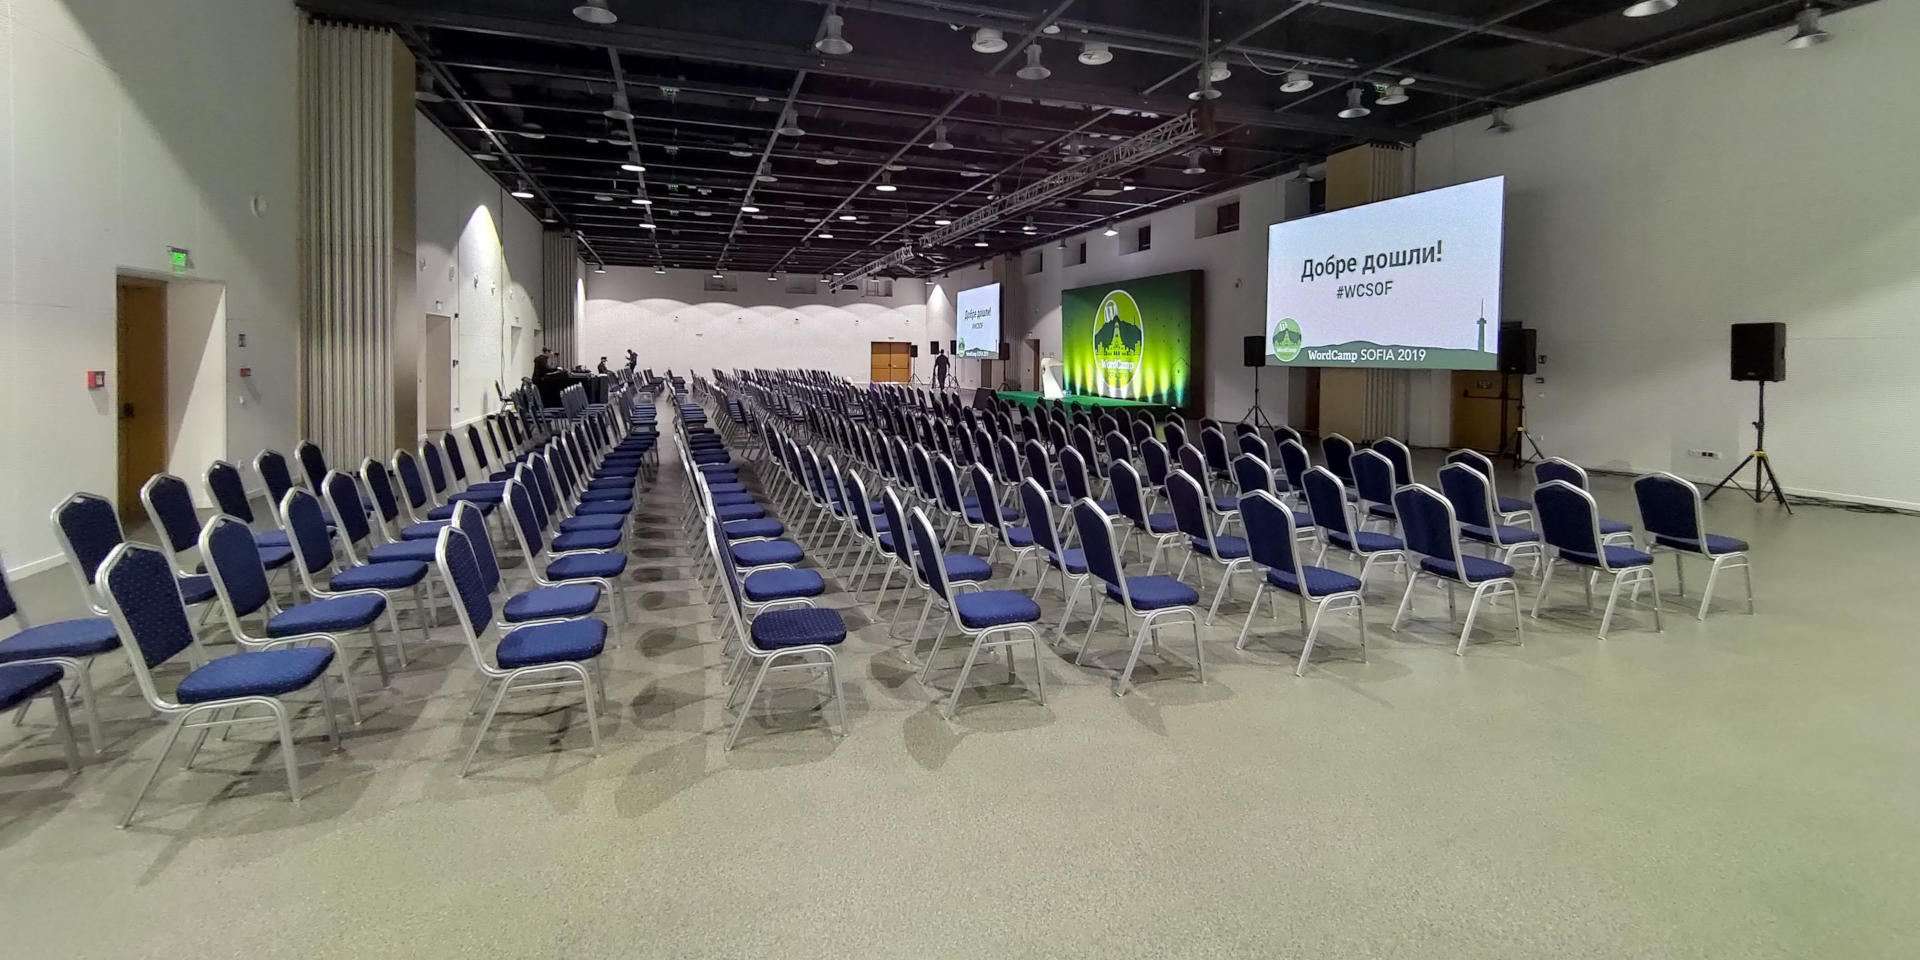 WordCamp Sofia 2019